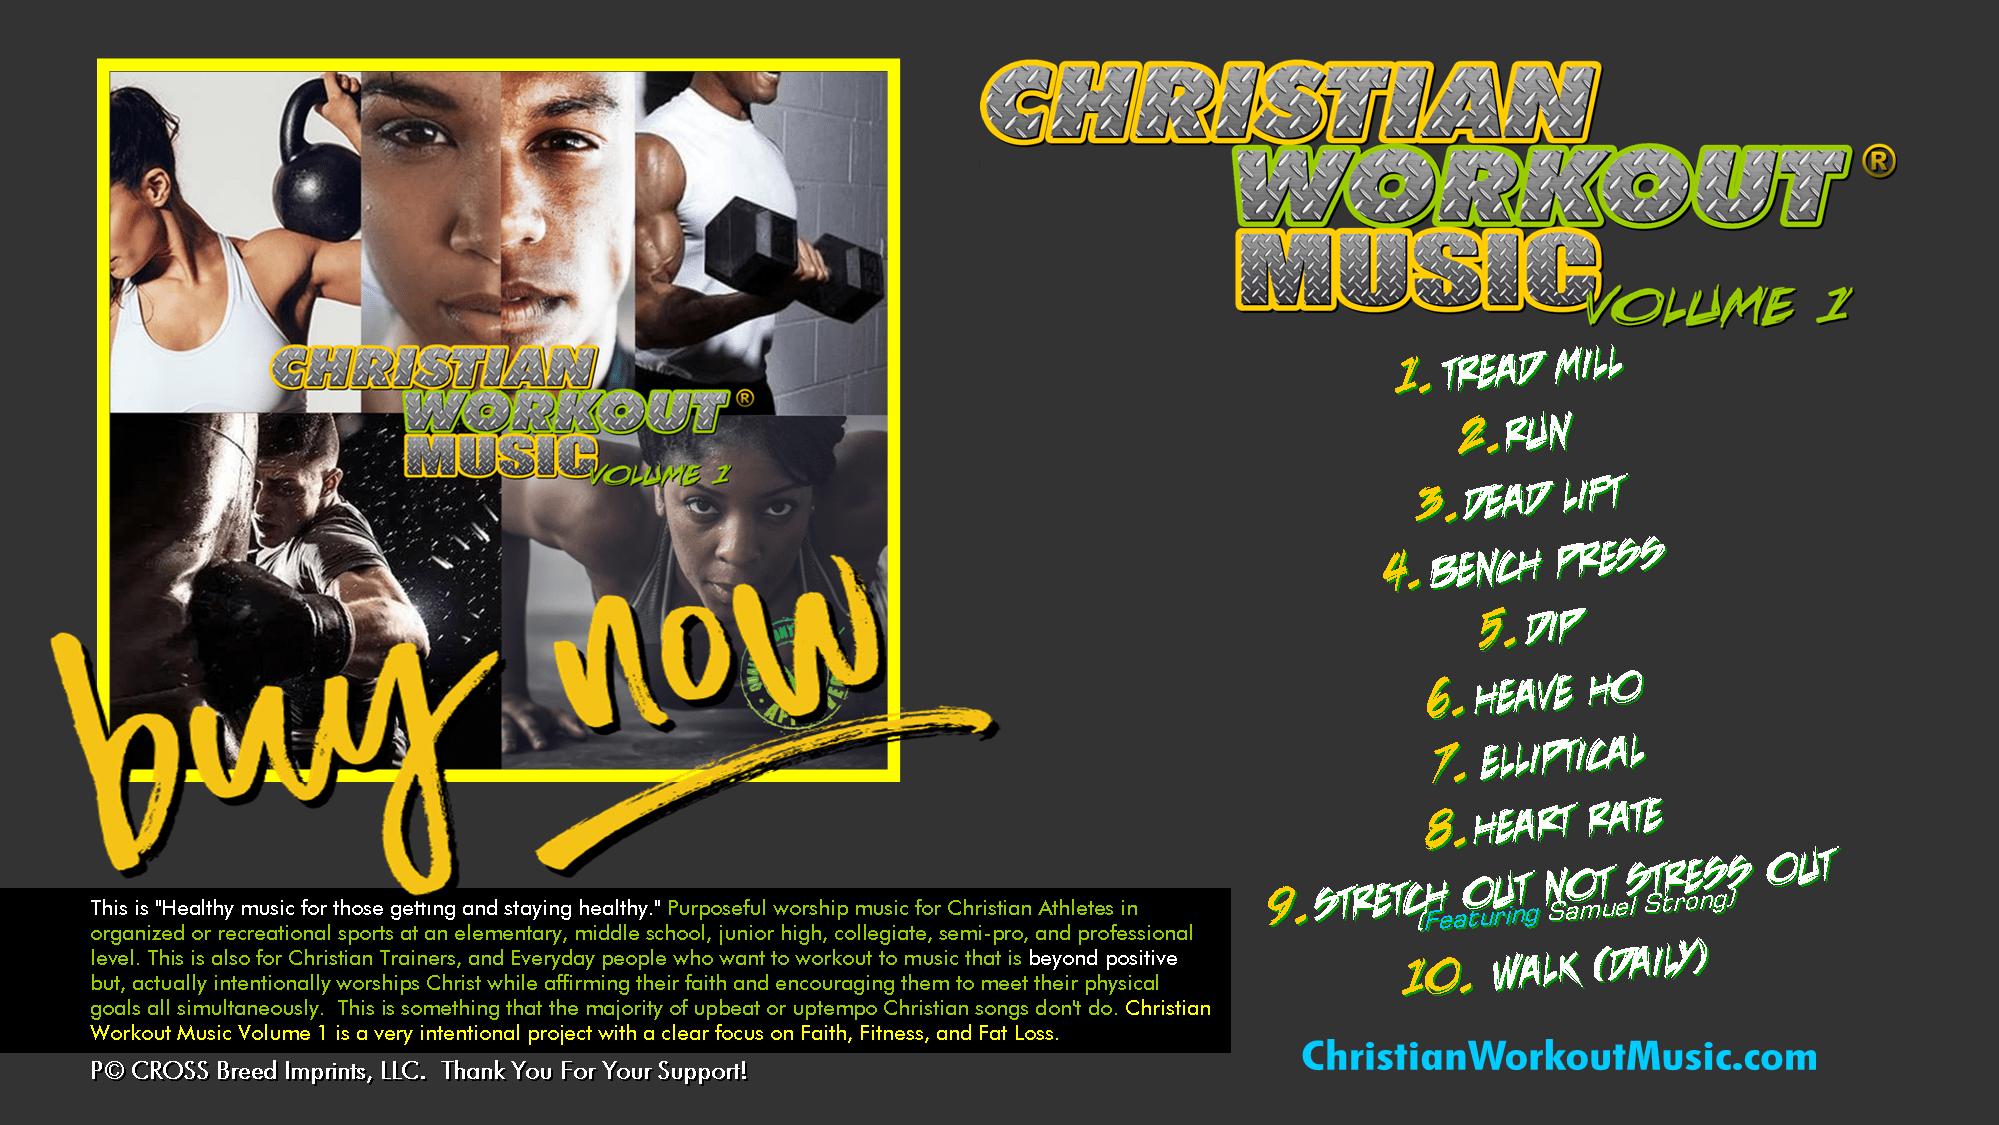 christian-workout-music-volume-1-full-album-store-banner